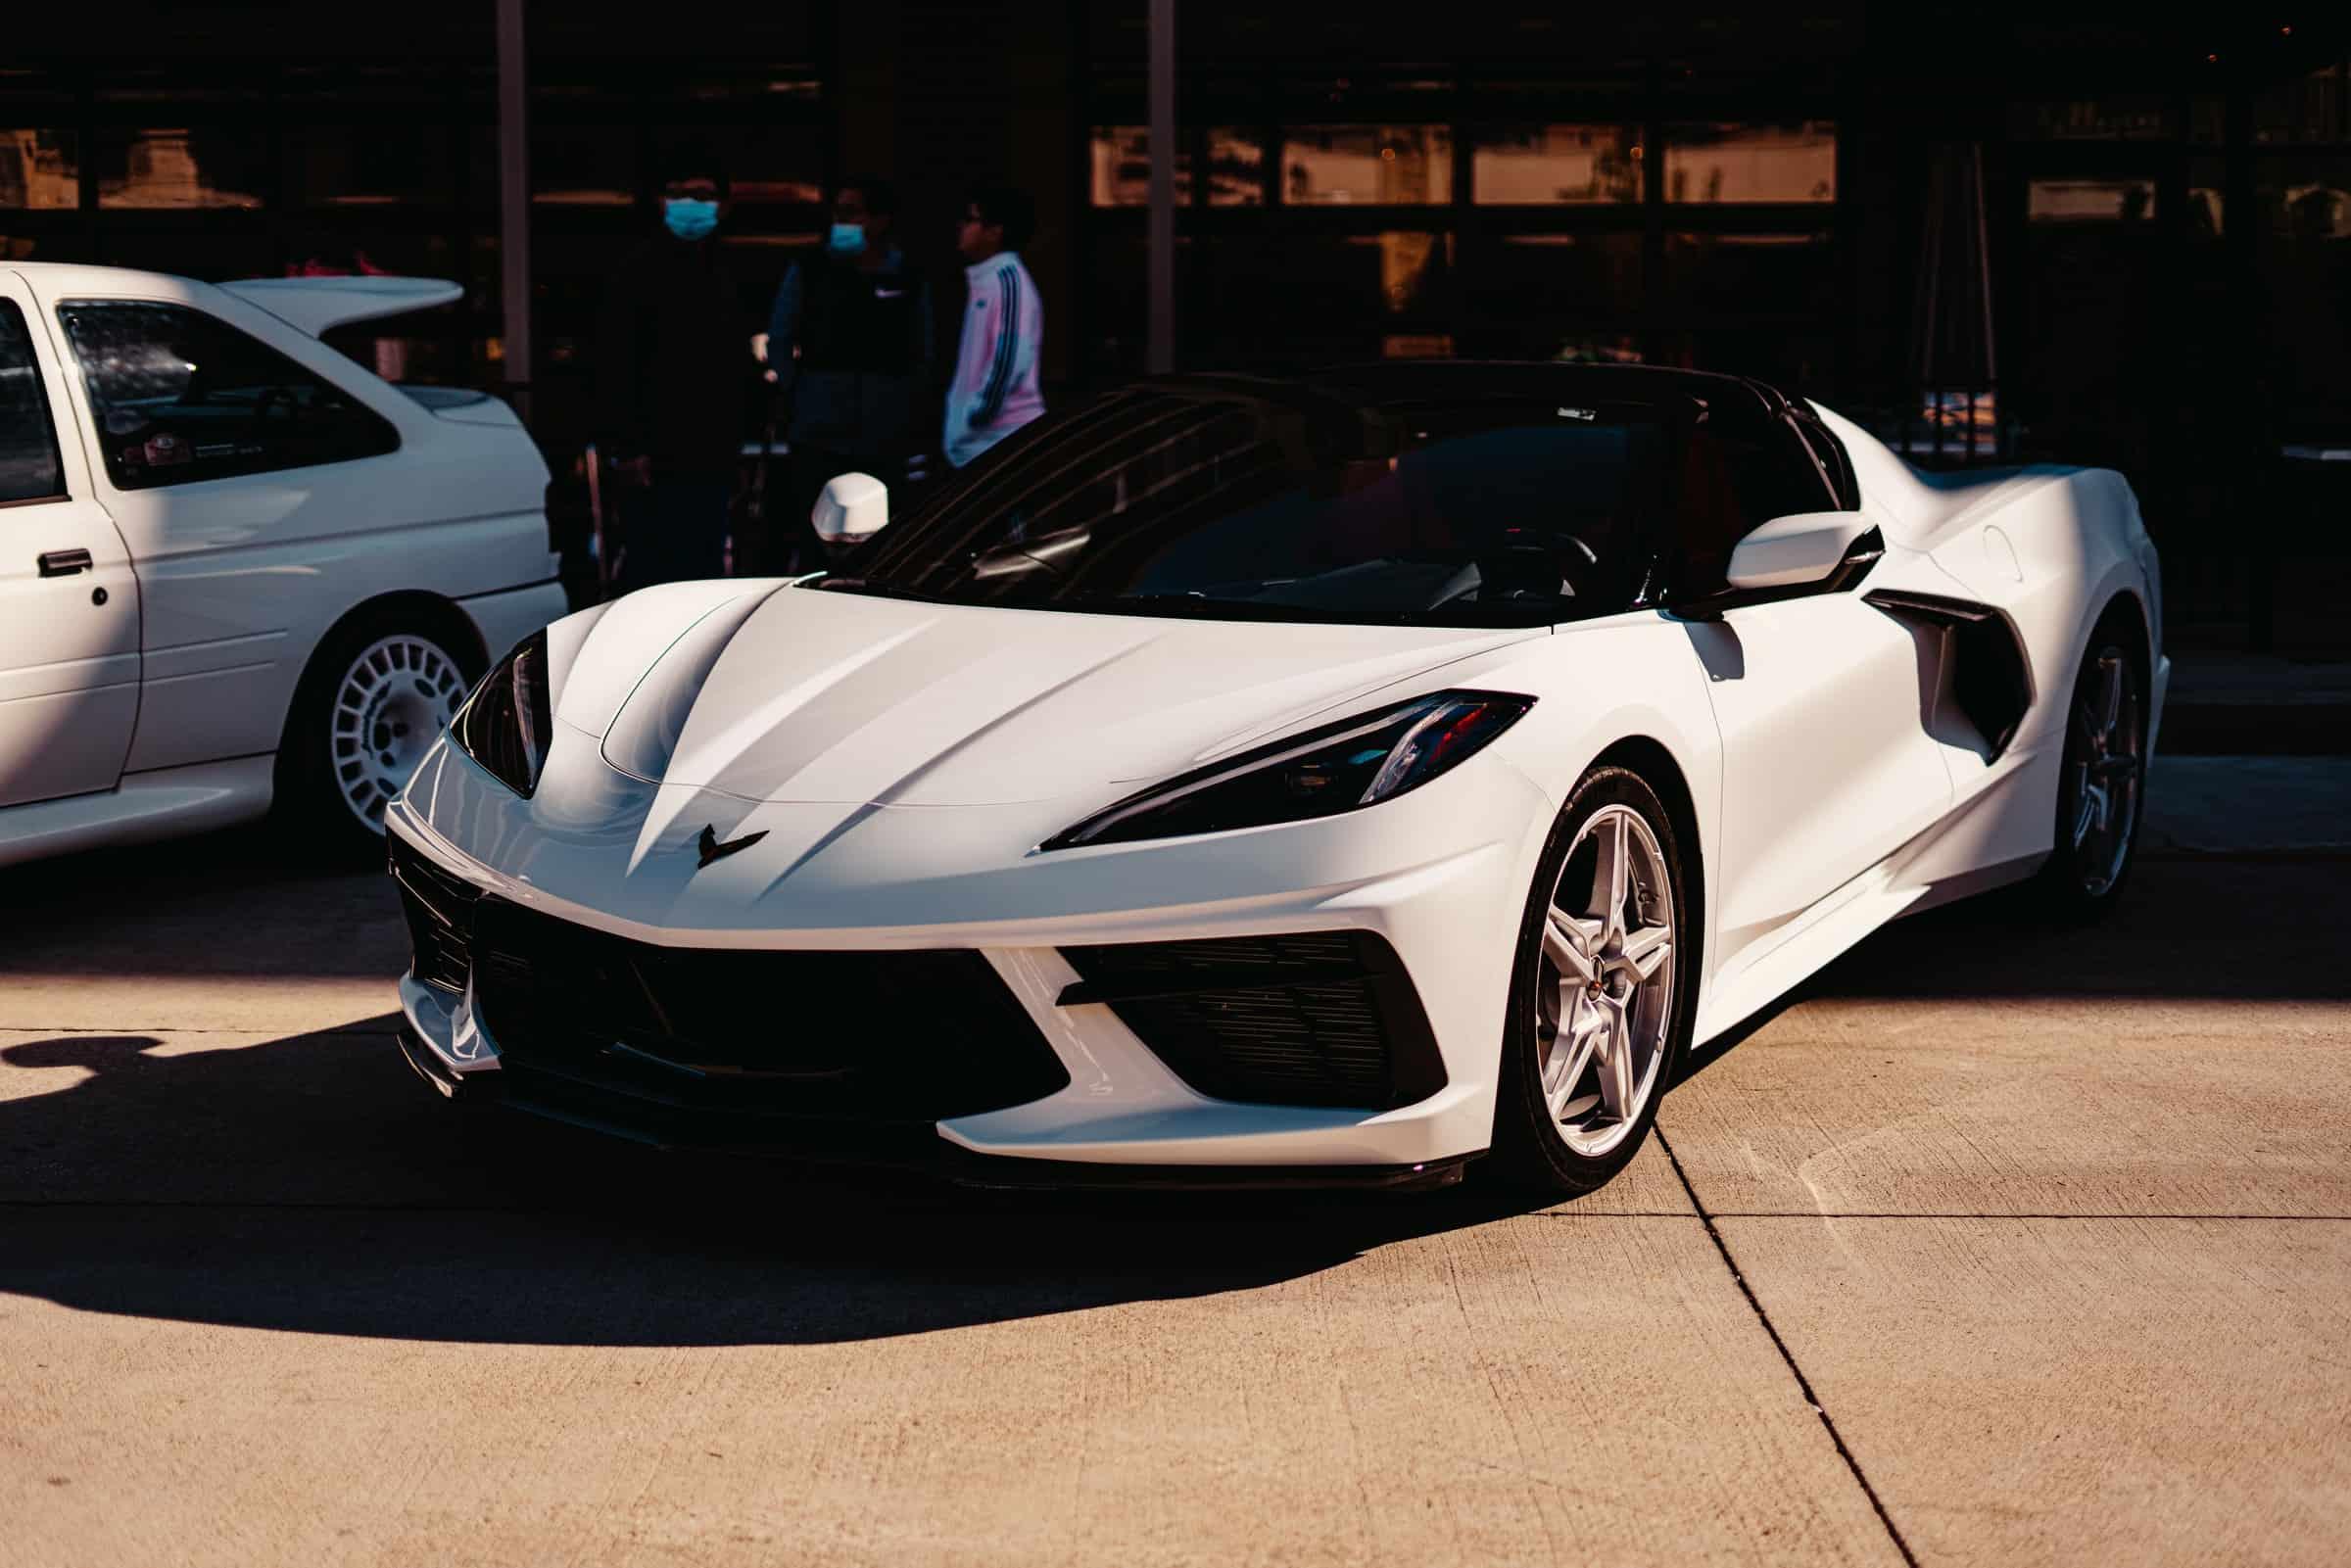 Corvette Z06 Looks Like It Really Rips 600 Horsepower In A 5.5-Liter V-8